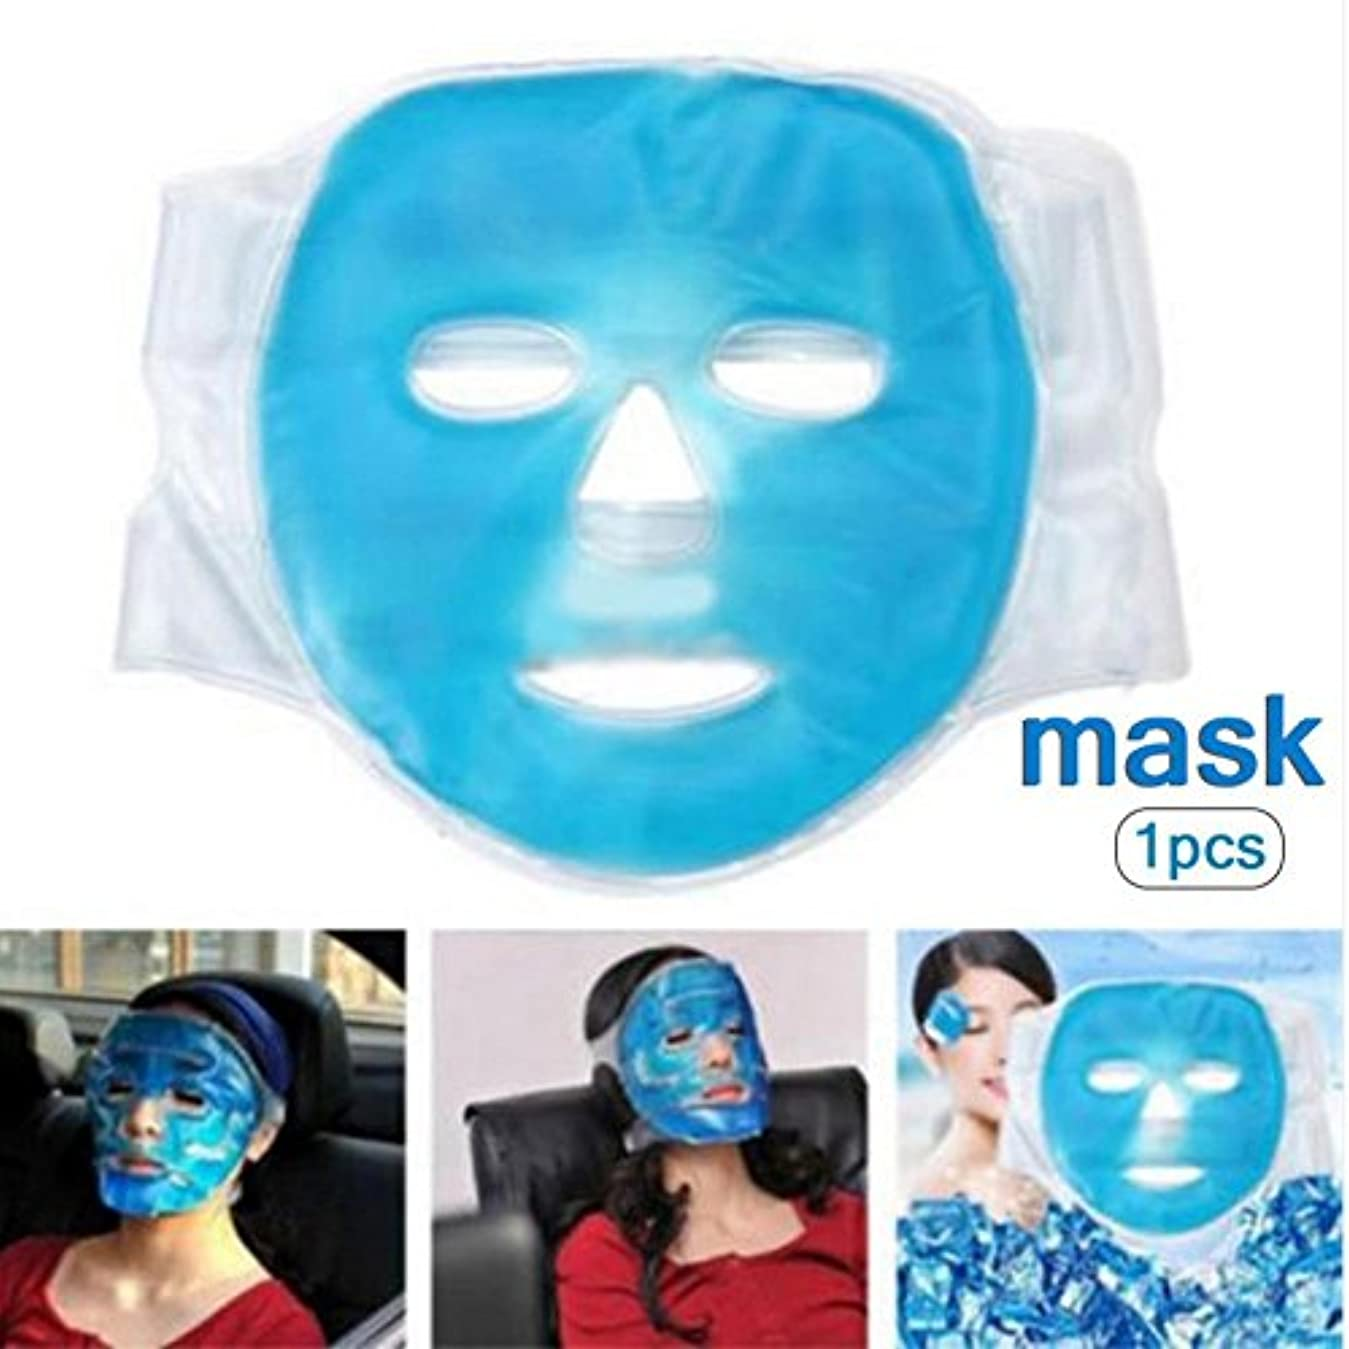 テレックス汚物節約SILUN フェイスマスク 冷温兼用 美容用 再利用可能 毛細血管収縮 肌ケア 保湿 吸収しやすい 美容マッサージ アイスマスク